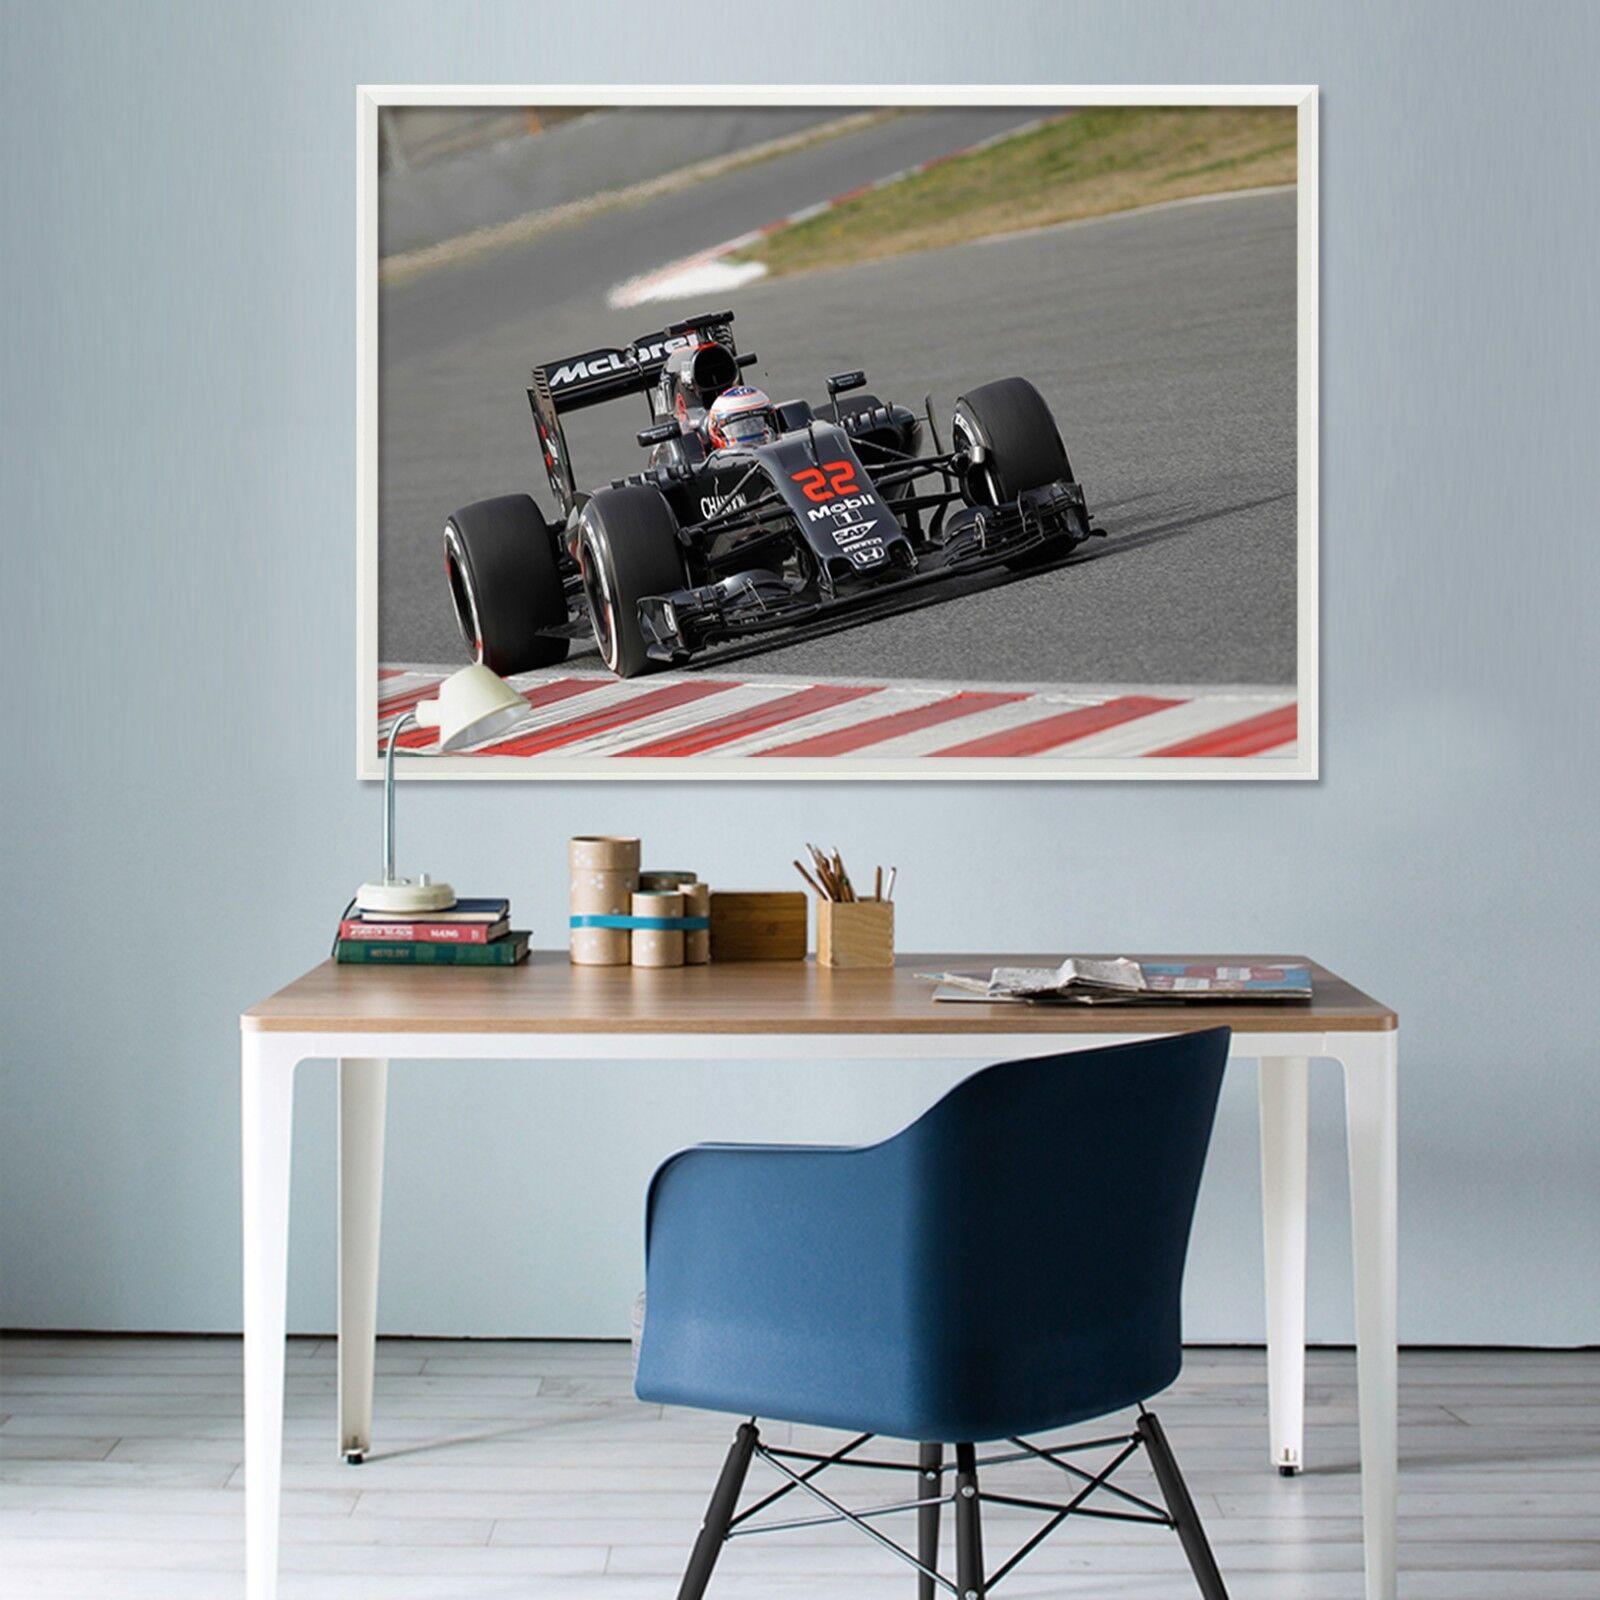 3D Racing 556 Fake Framed Poster Home Decor Drucken Painting Unique Kunst Summer